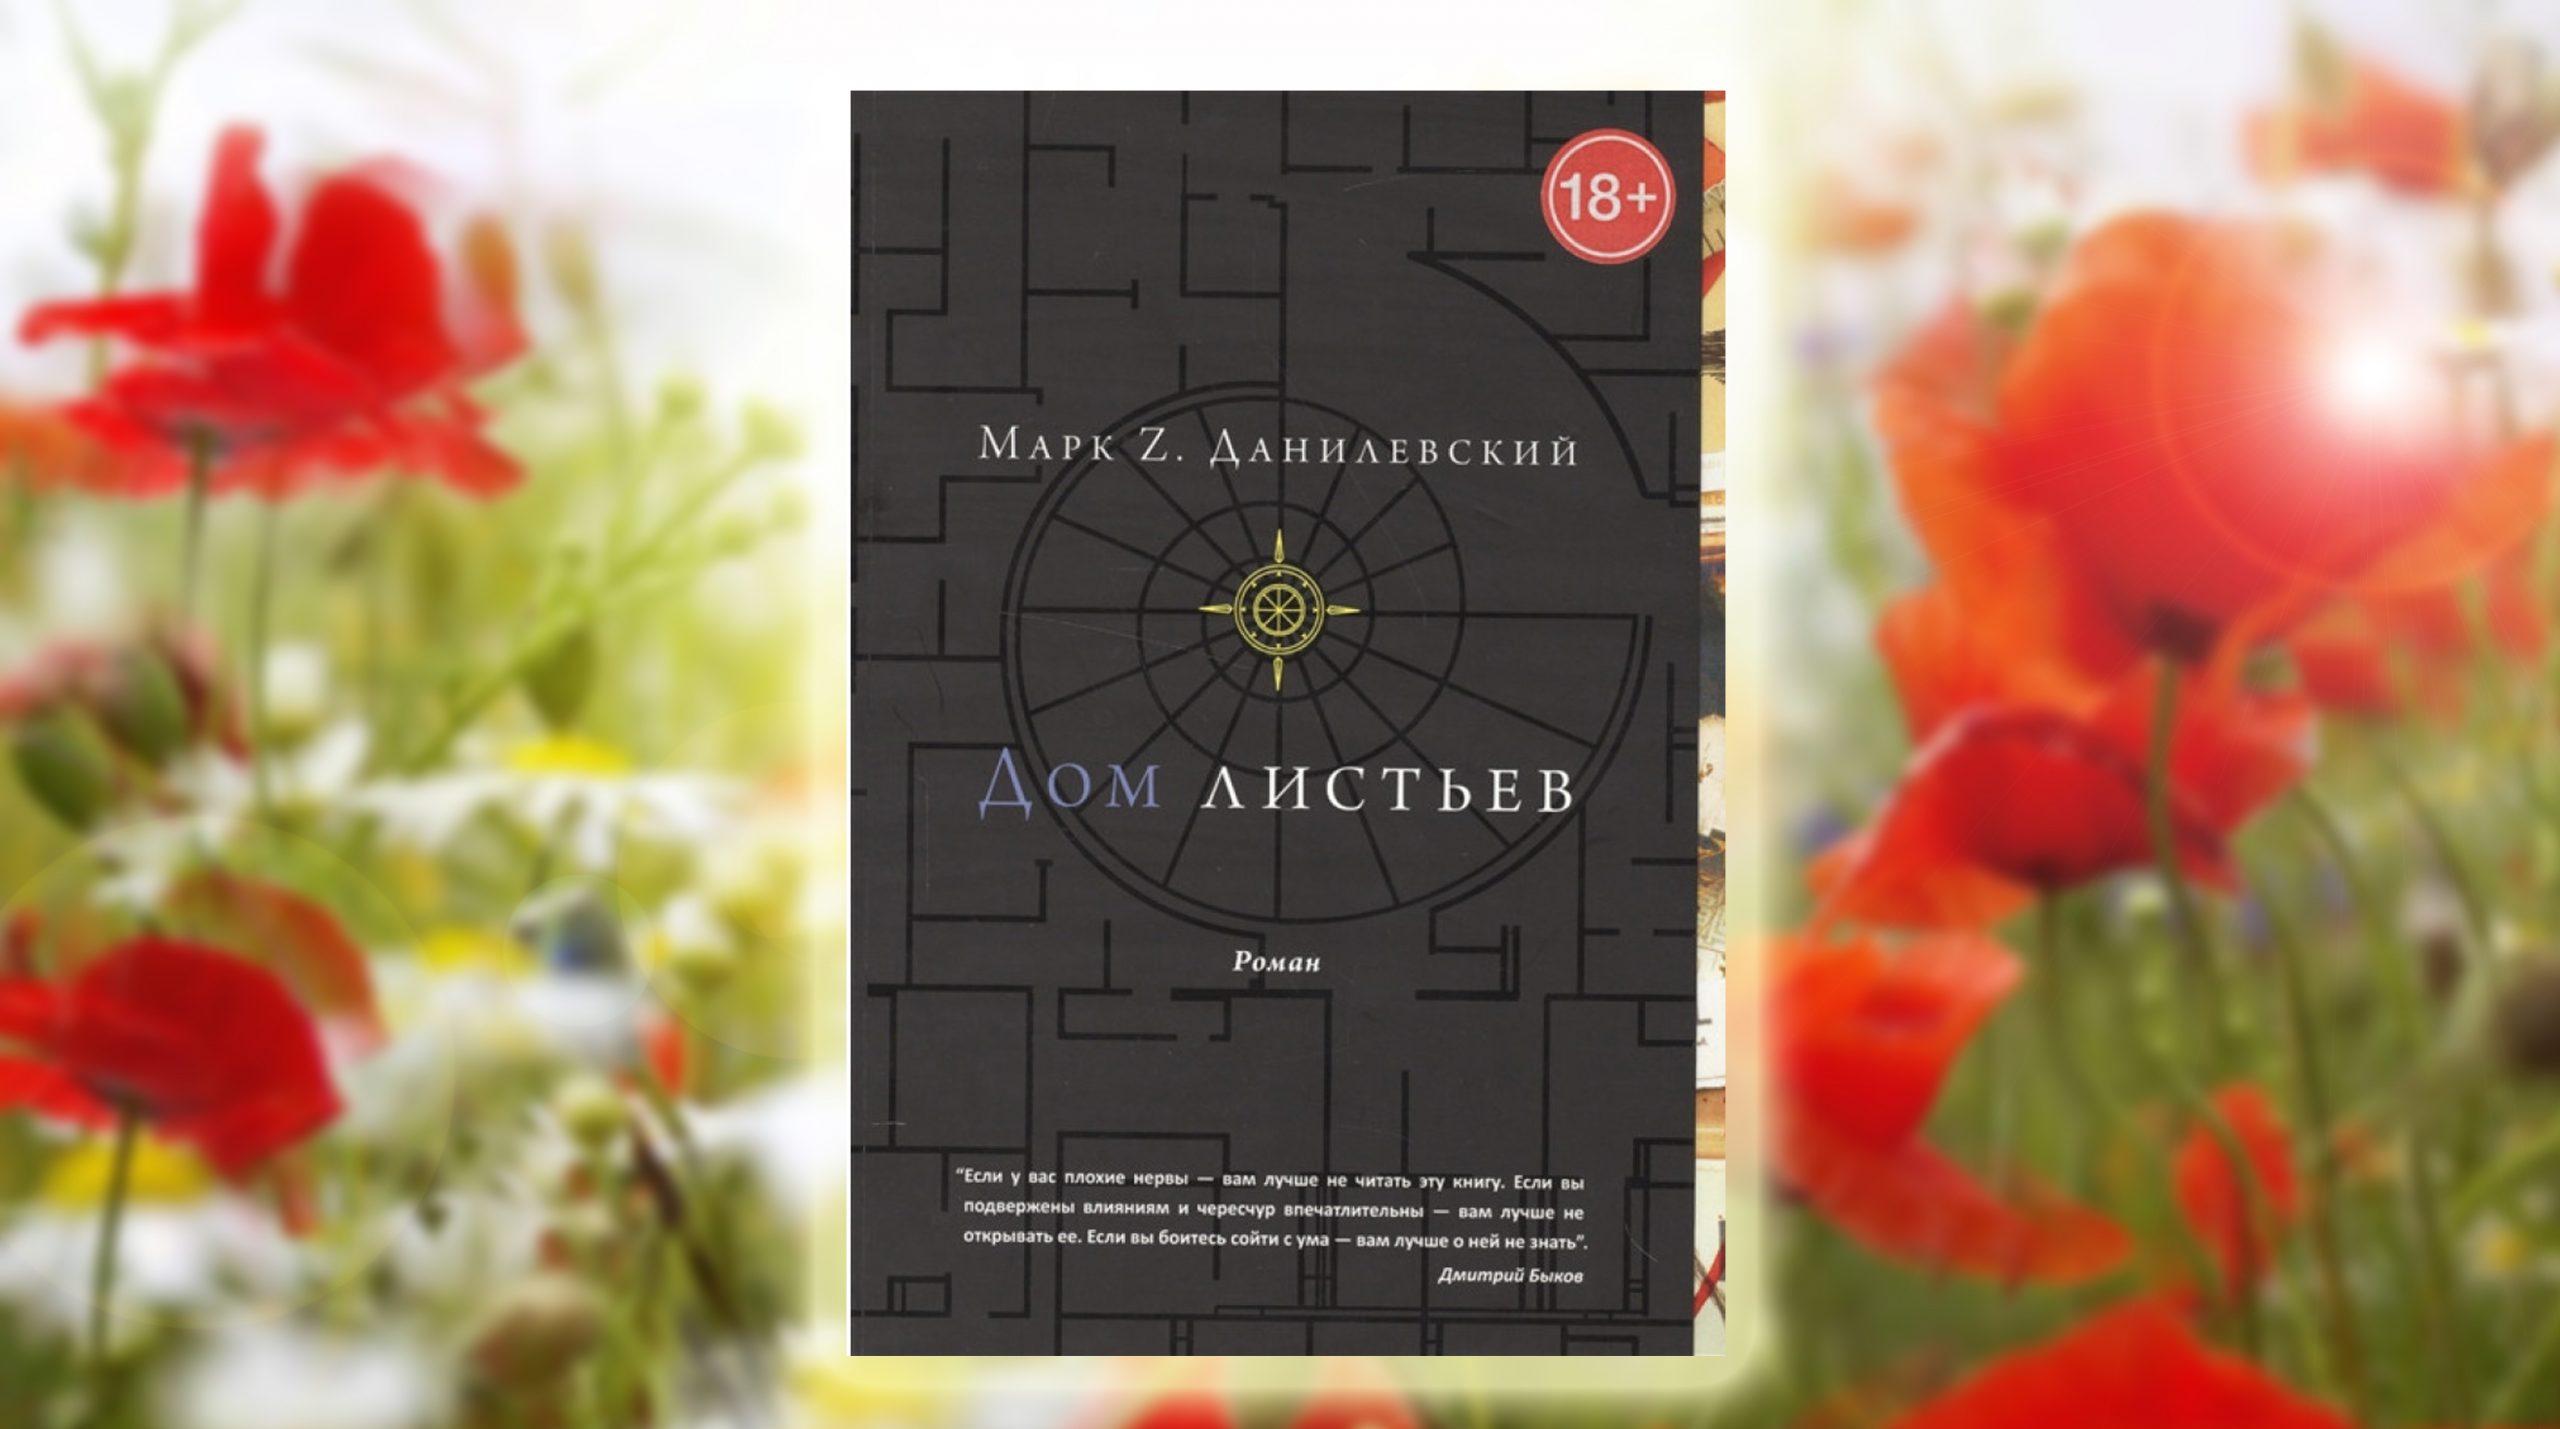 Книга, Дом листьев, Марк Данилевский, 978-5-904577-80-3